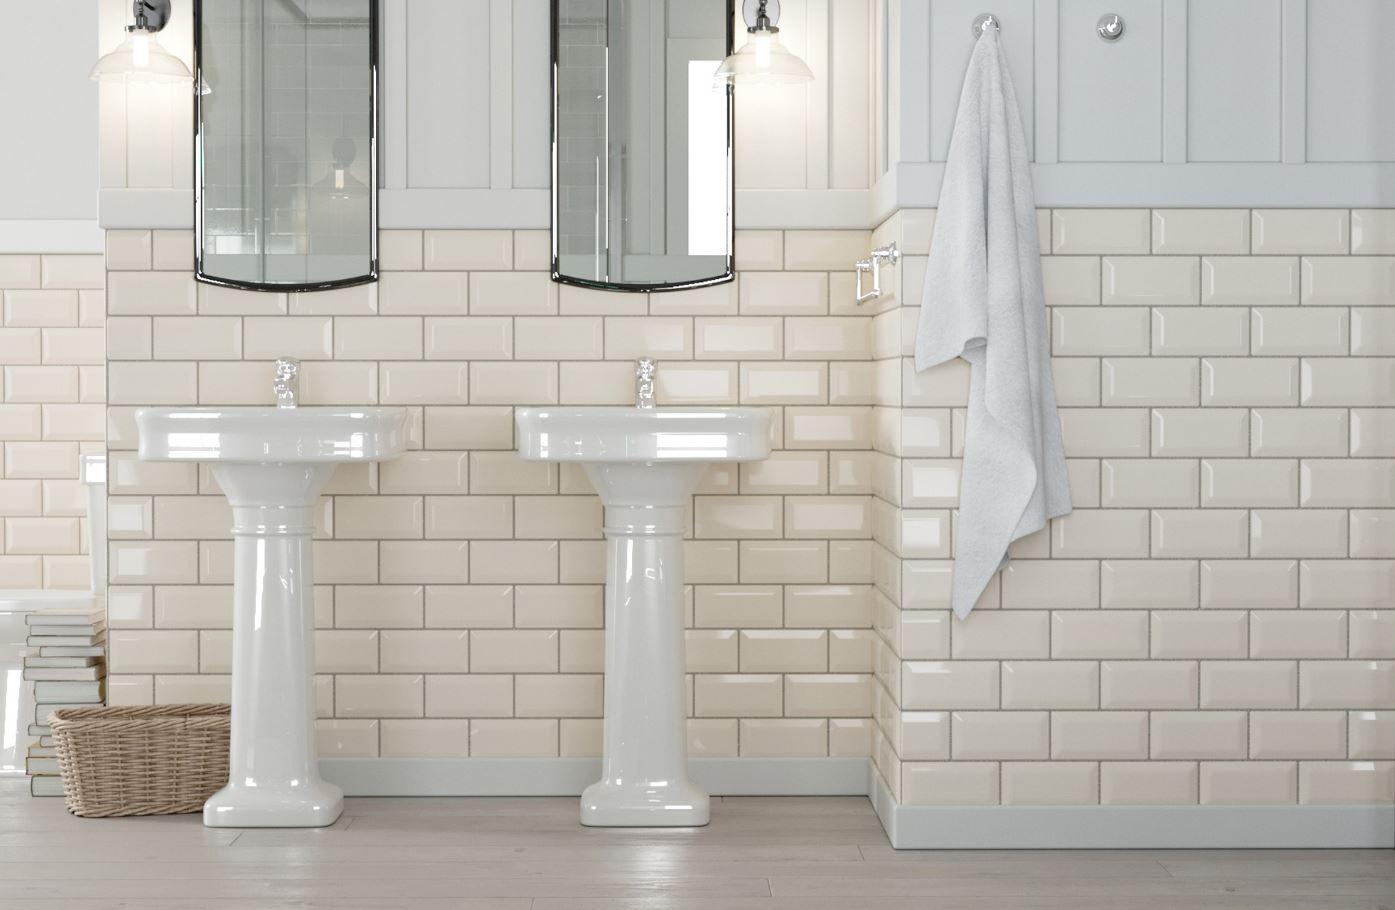 Płytki Cegiełki Beżowe Z Faską Biselado Beige Brillo Metrotiles Beige 10x20